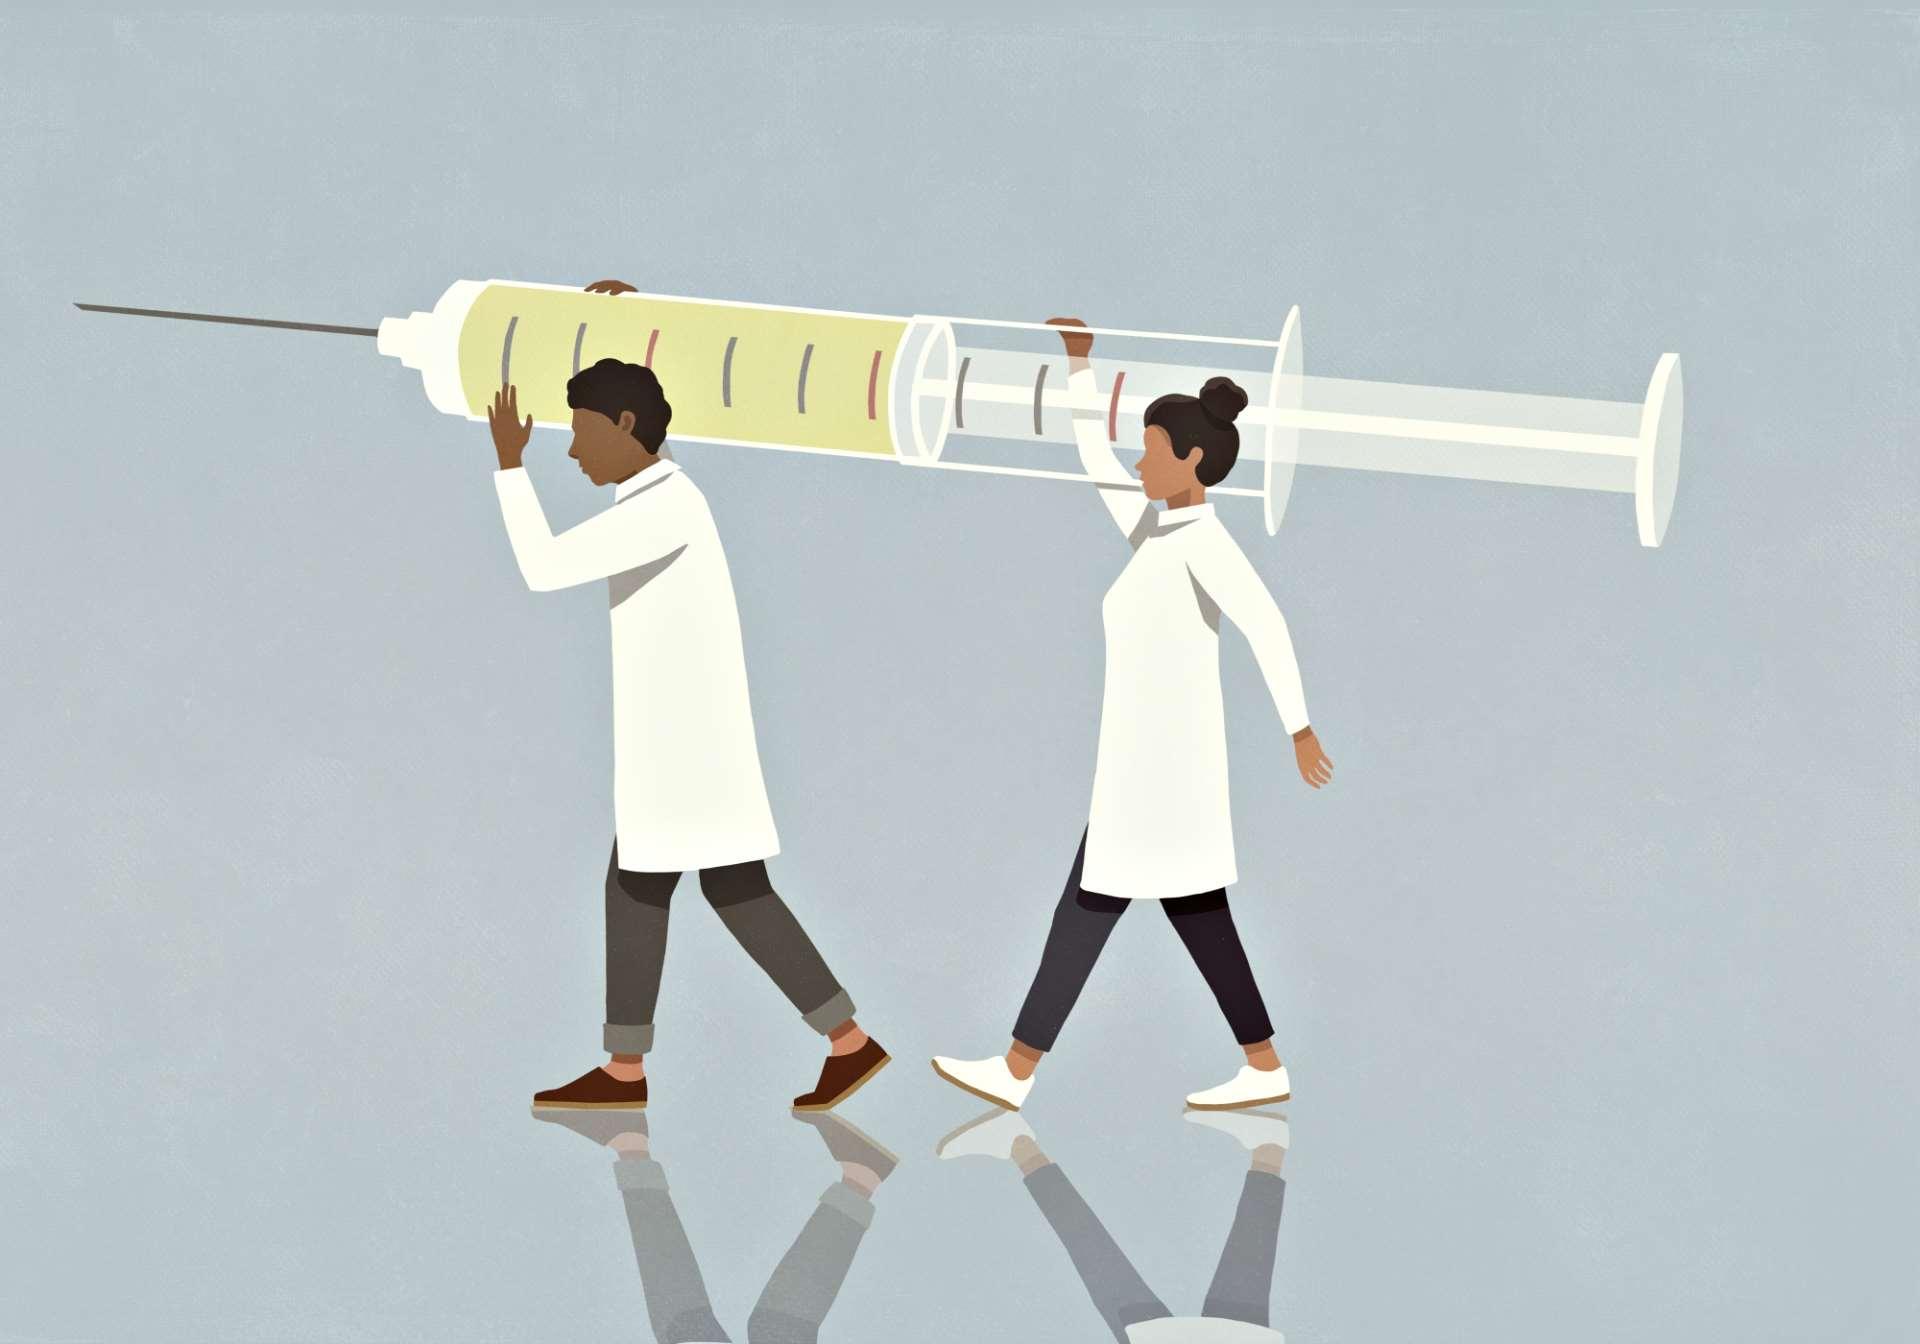 Ρωσία – Covid-19: 30 εκατ. δόσεις του εμβολίου Sputnik-V θα παράγει η Ρωσία έως τον Ιούνιο 2021